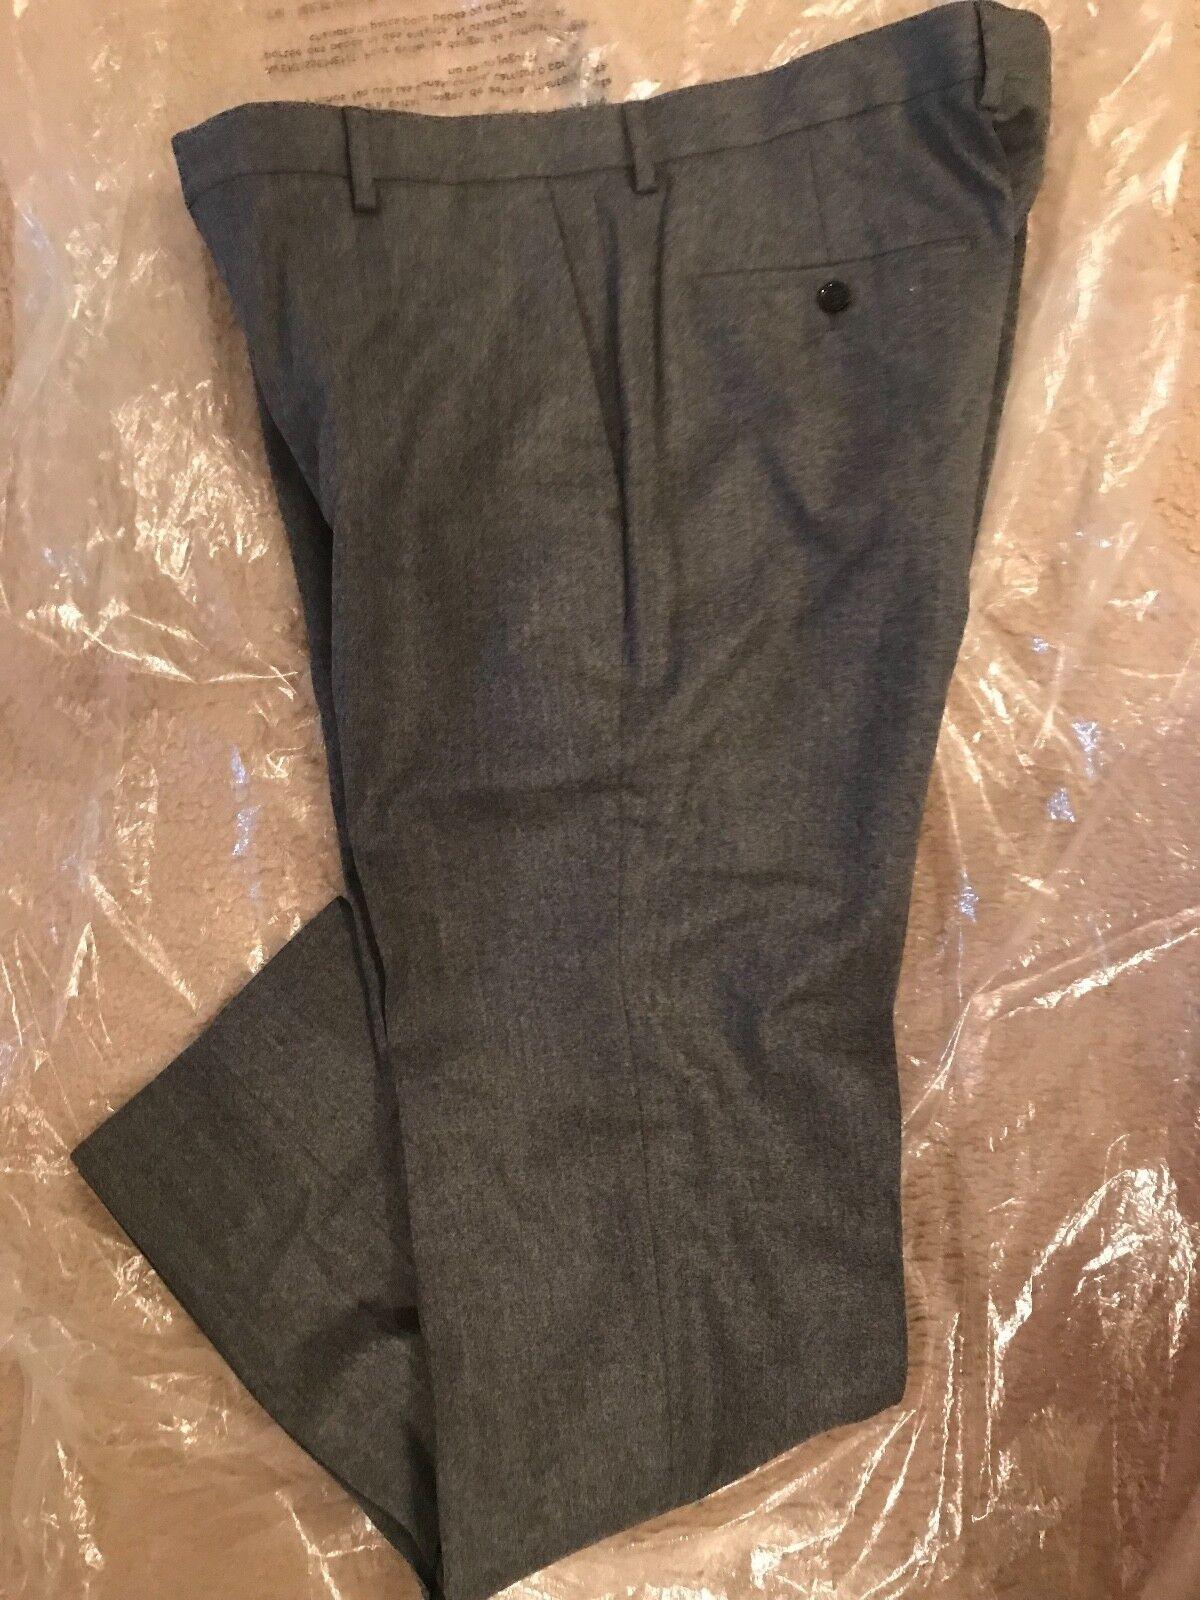 J.Crew Ludlow Abito Pantalone in Violaceo Italiana Lana Flanella Taglia 32